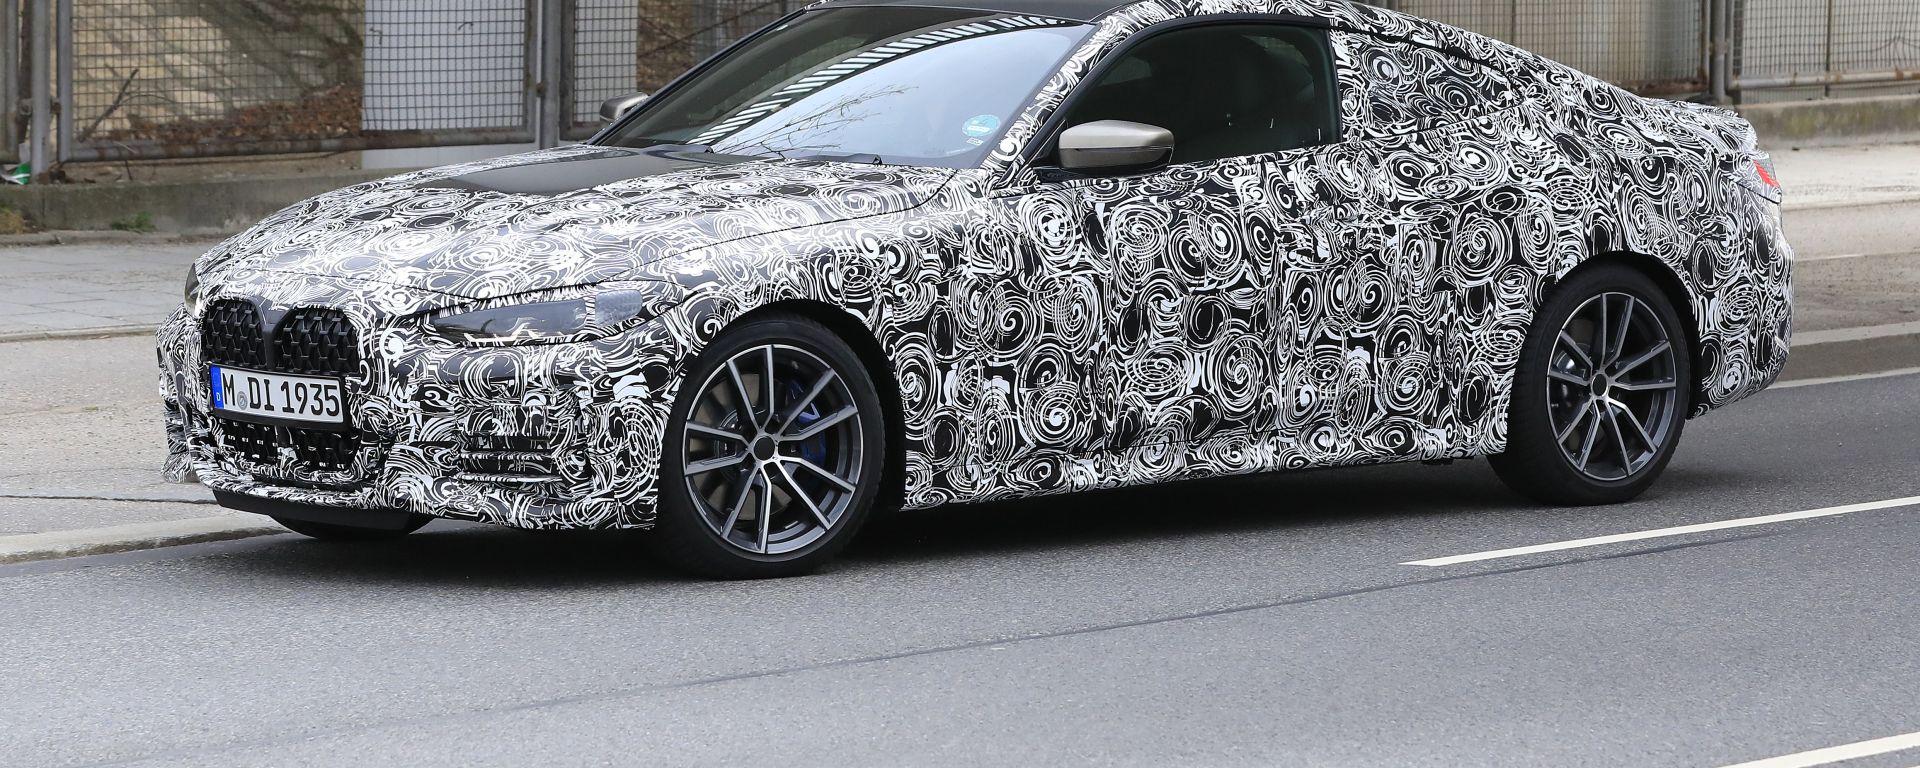 Nuova BMW Serie 4 Coupé: confermata la maxi clandra